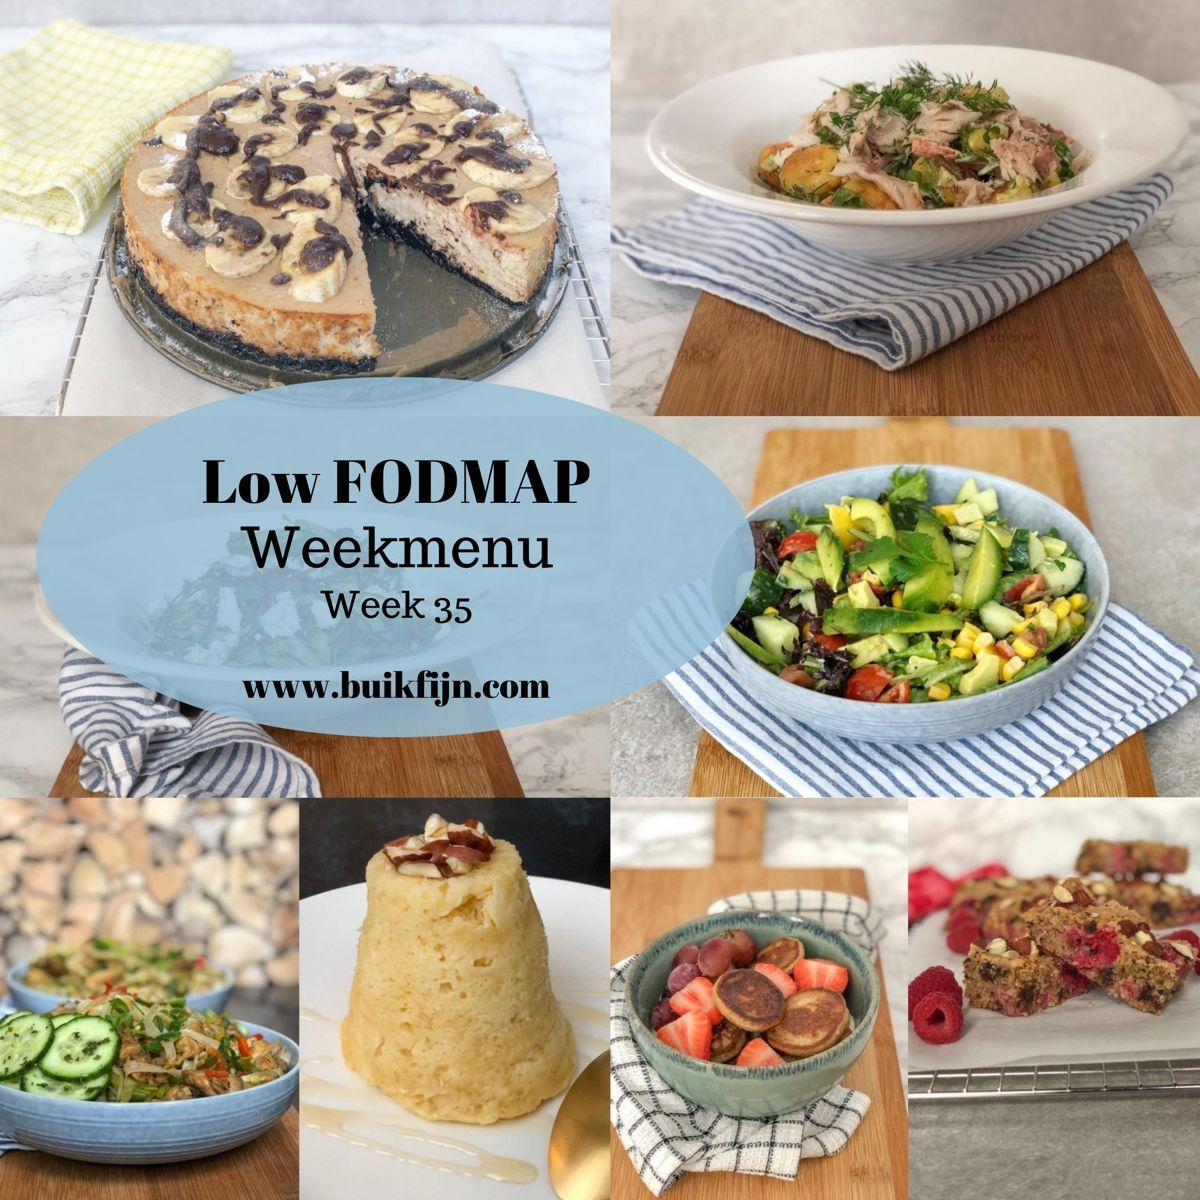 #lowfodmap #fodmap #glutenfree #lactosefree